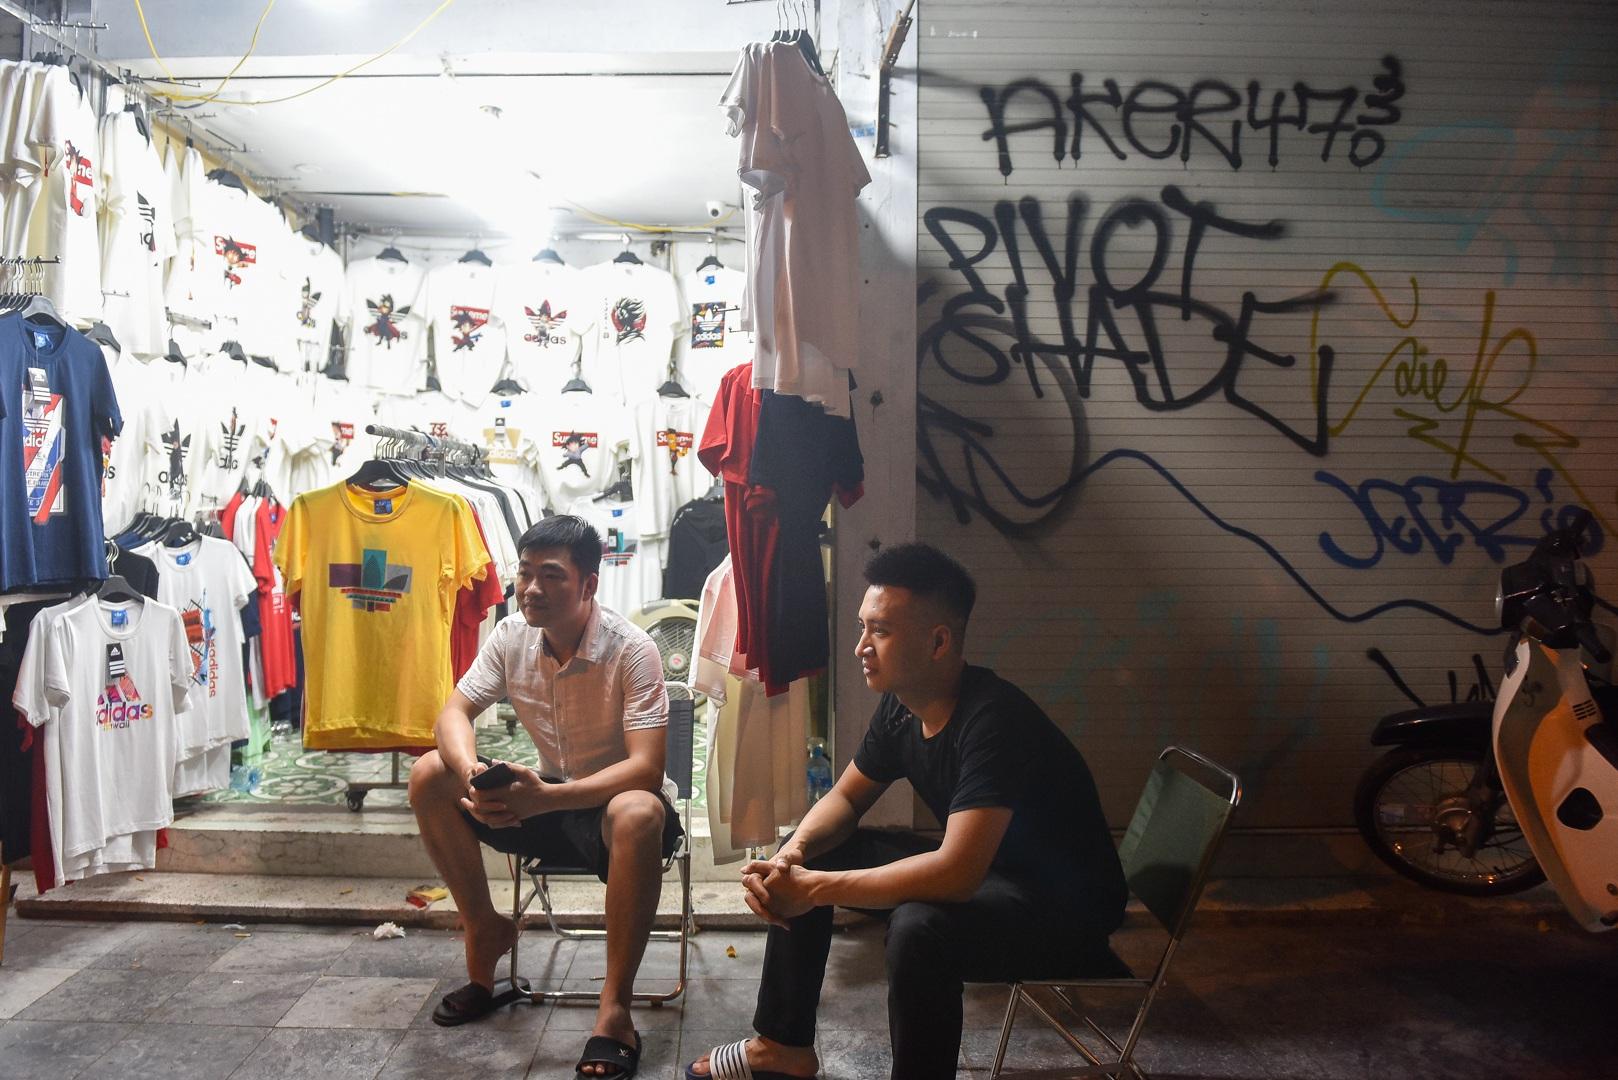 Hàng quán phố cổ thi nhau sang nhượng, đến Tạ Hiện cũng chung cảnh đìu hiu - 11